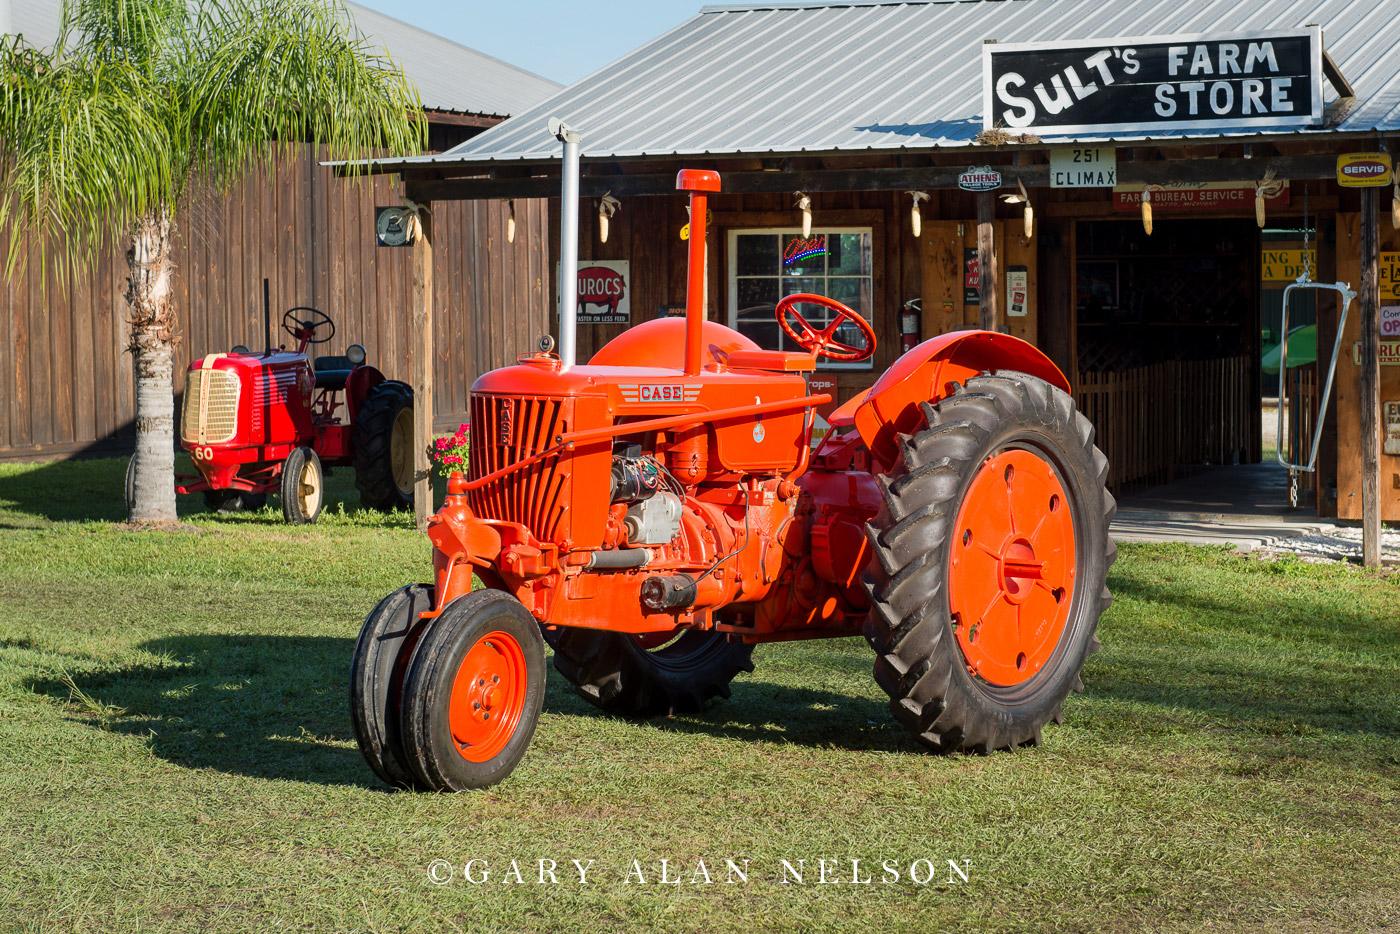 vintage tractors, antique tractors, Case, photo